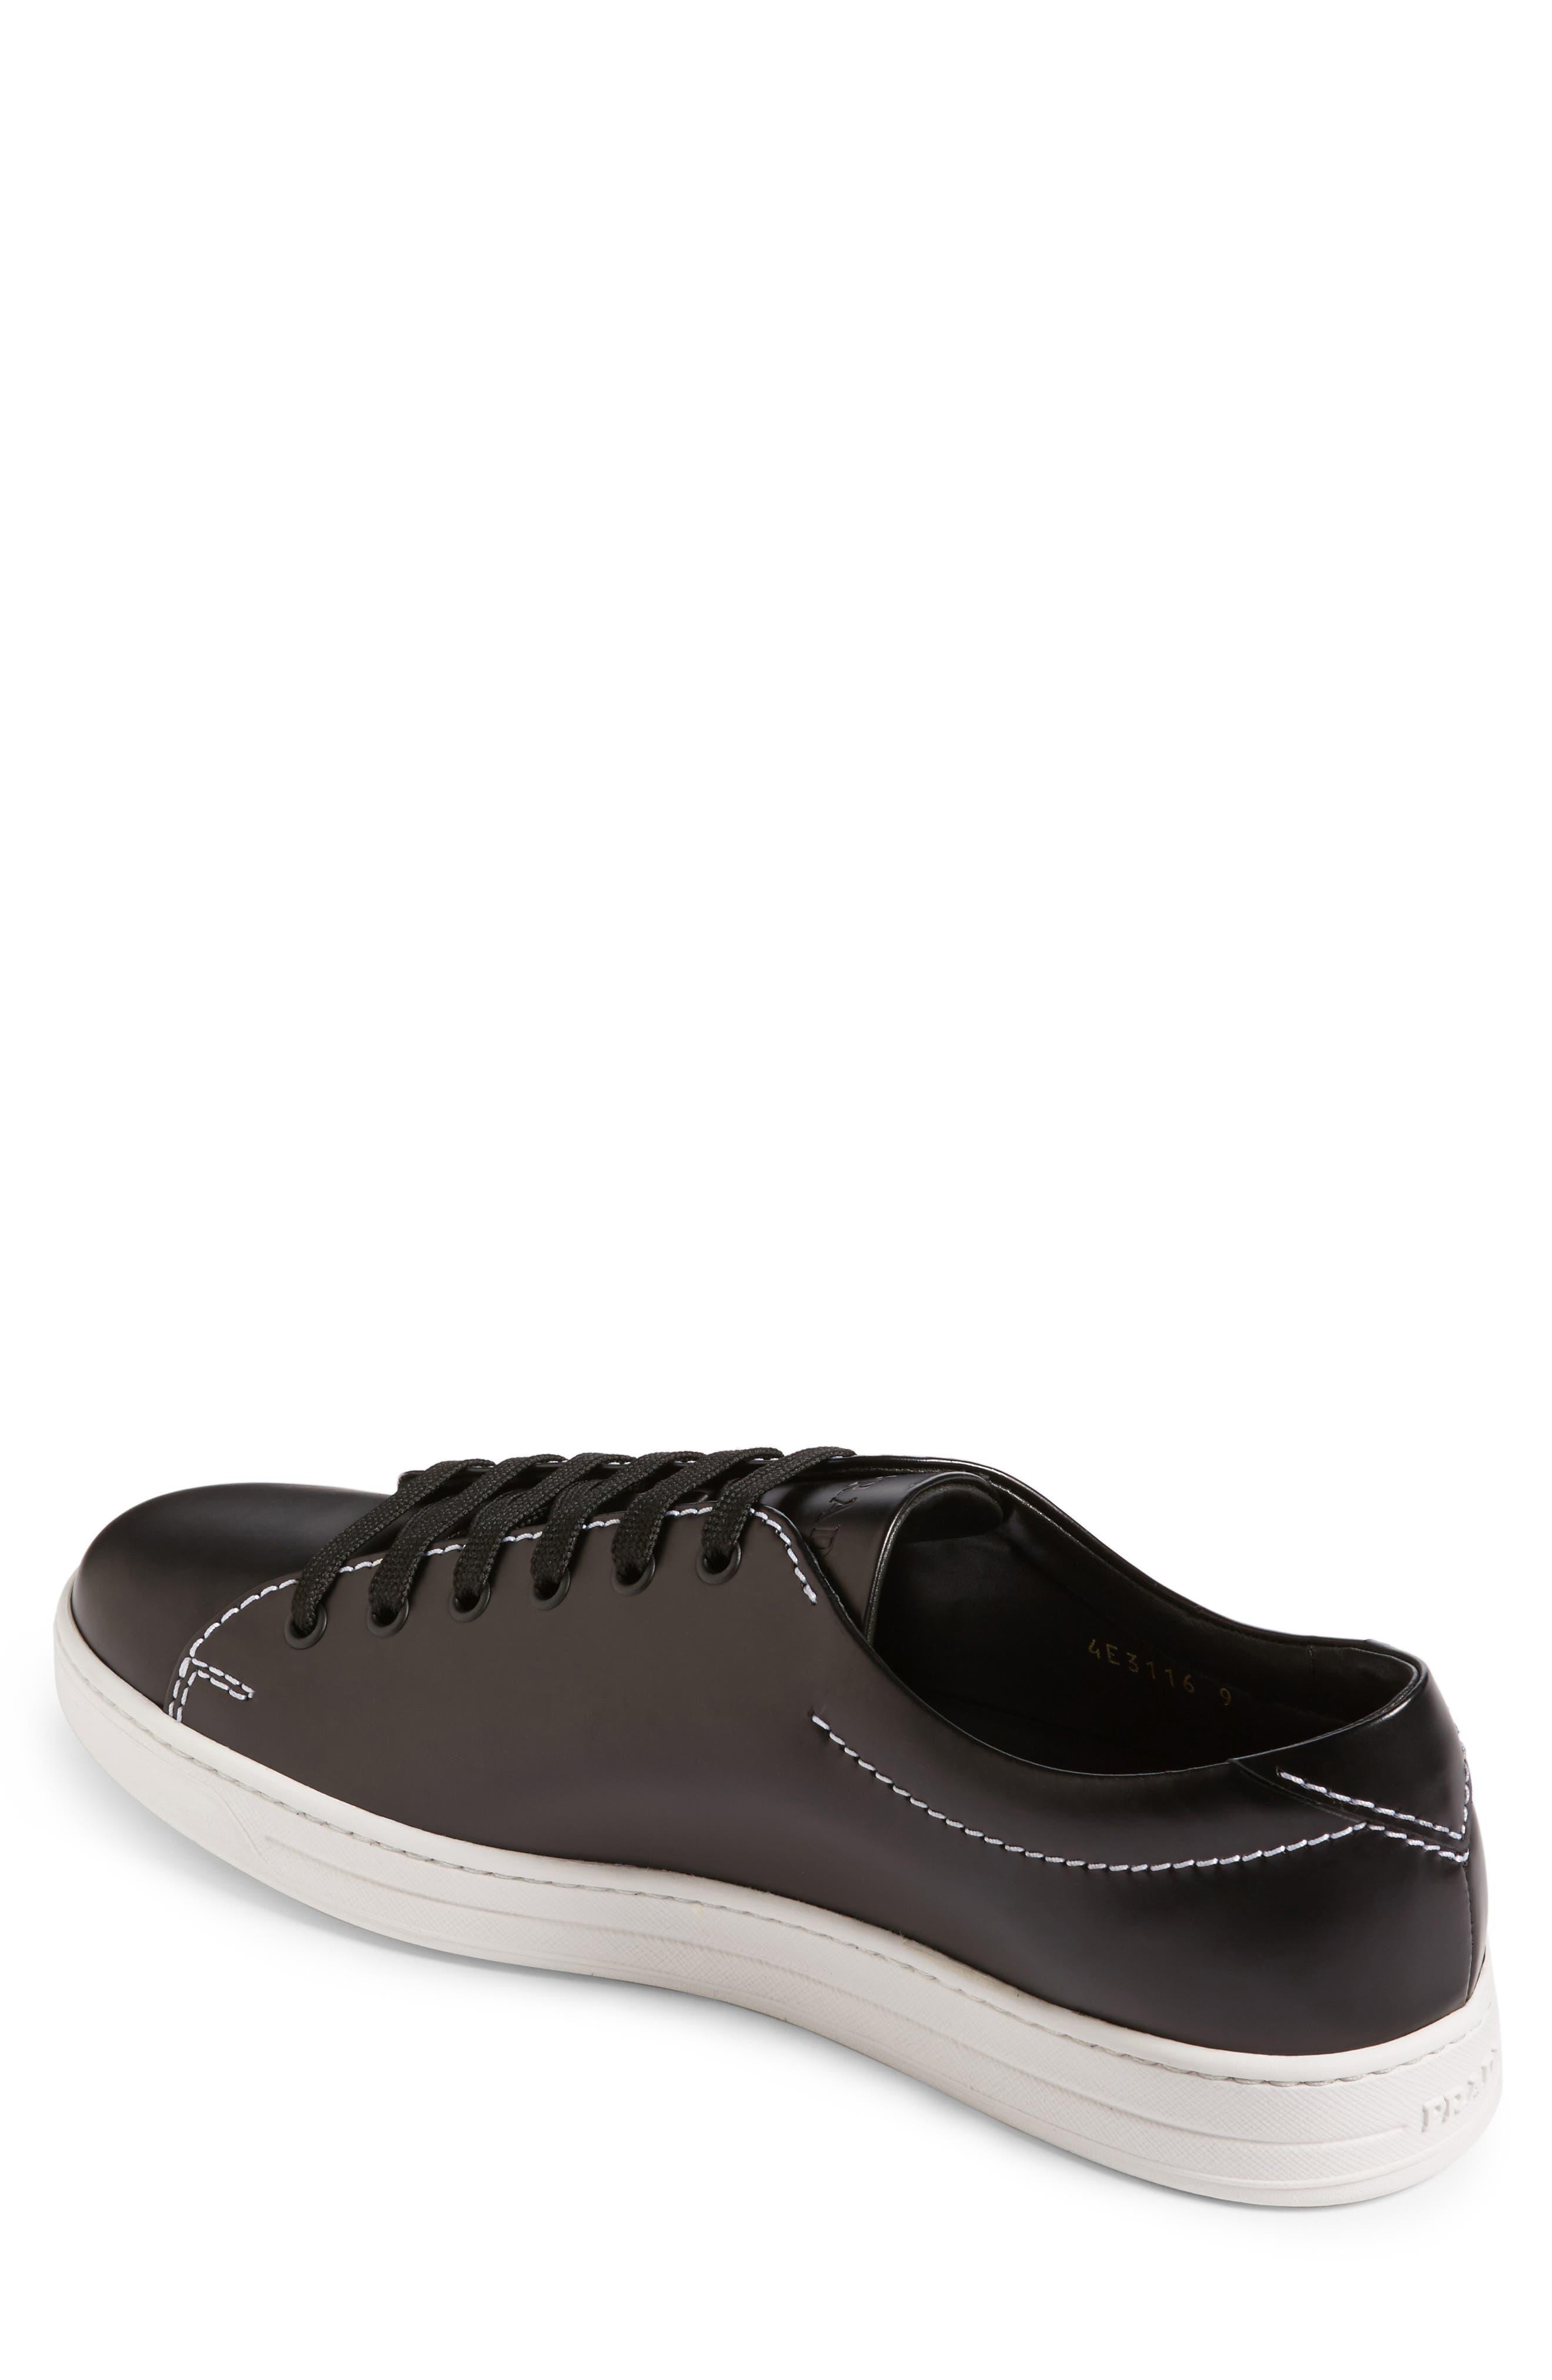 Low Top Sneaker,                             Alternate thumbnail 2, color,                             008